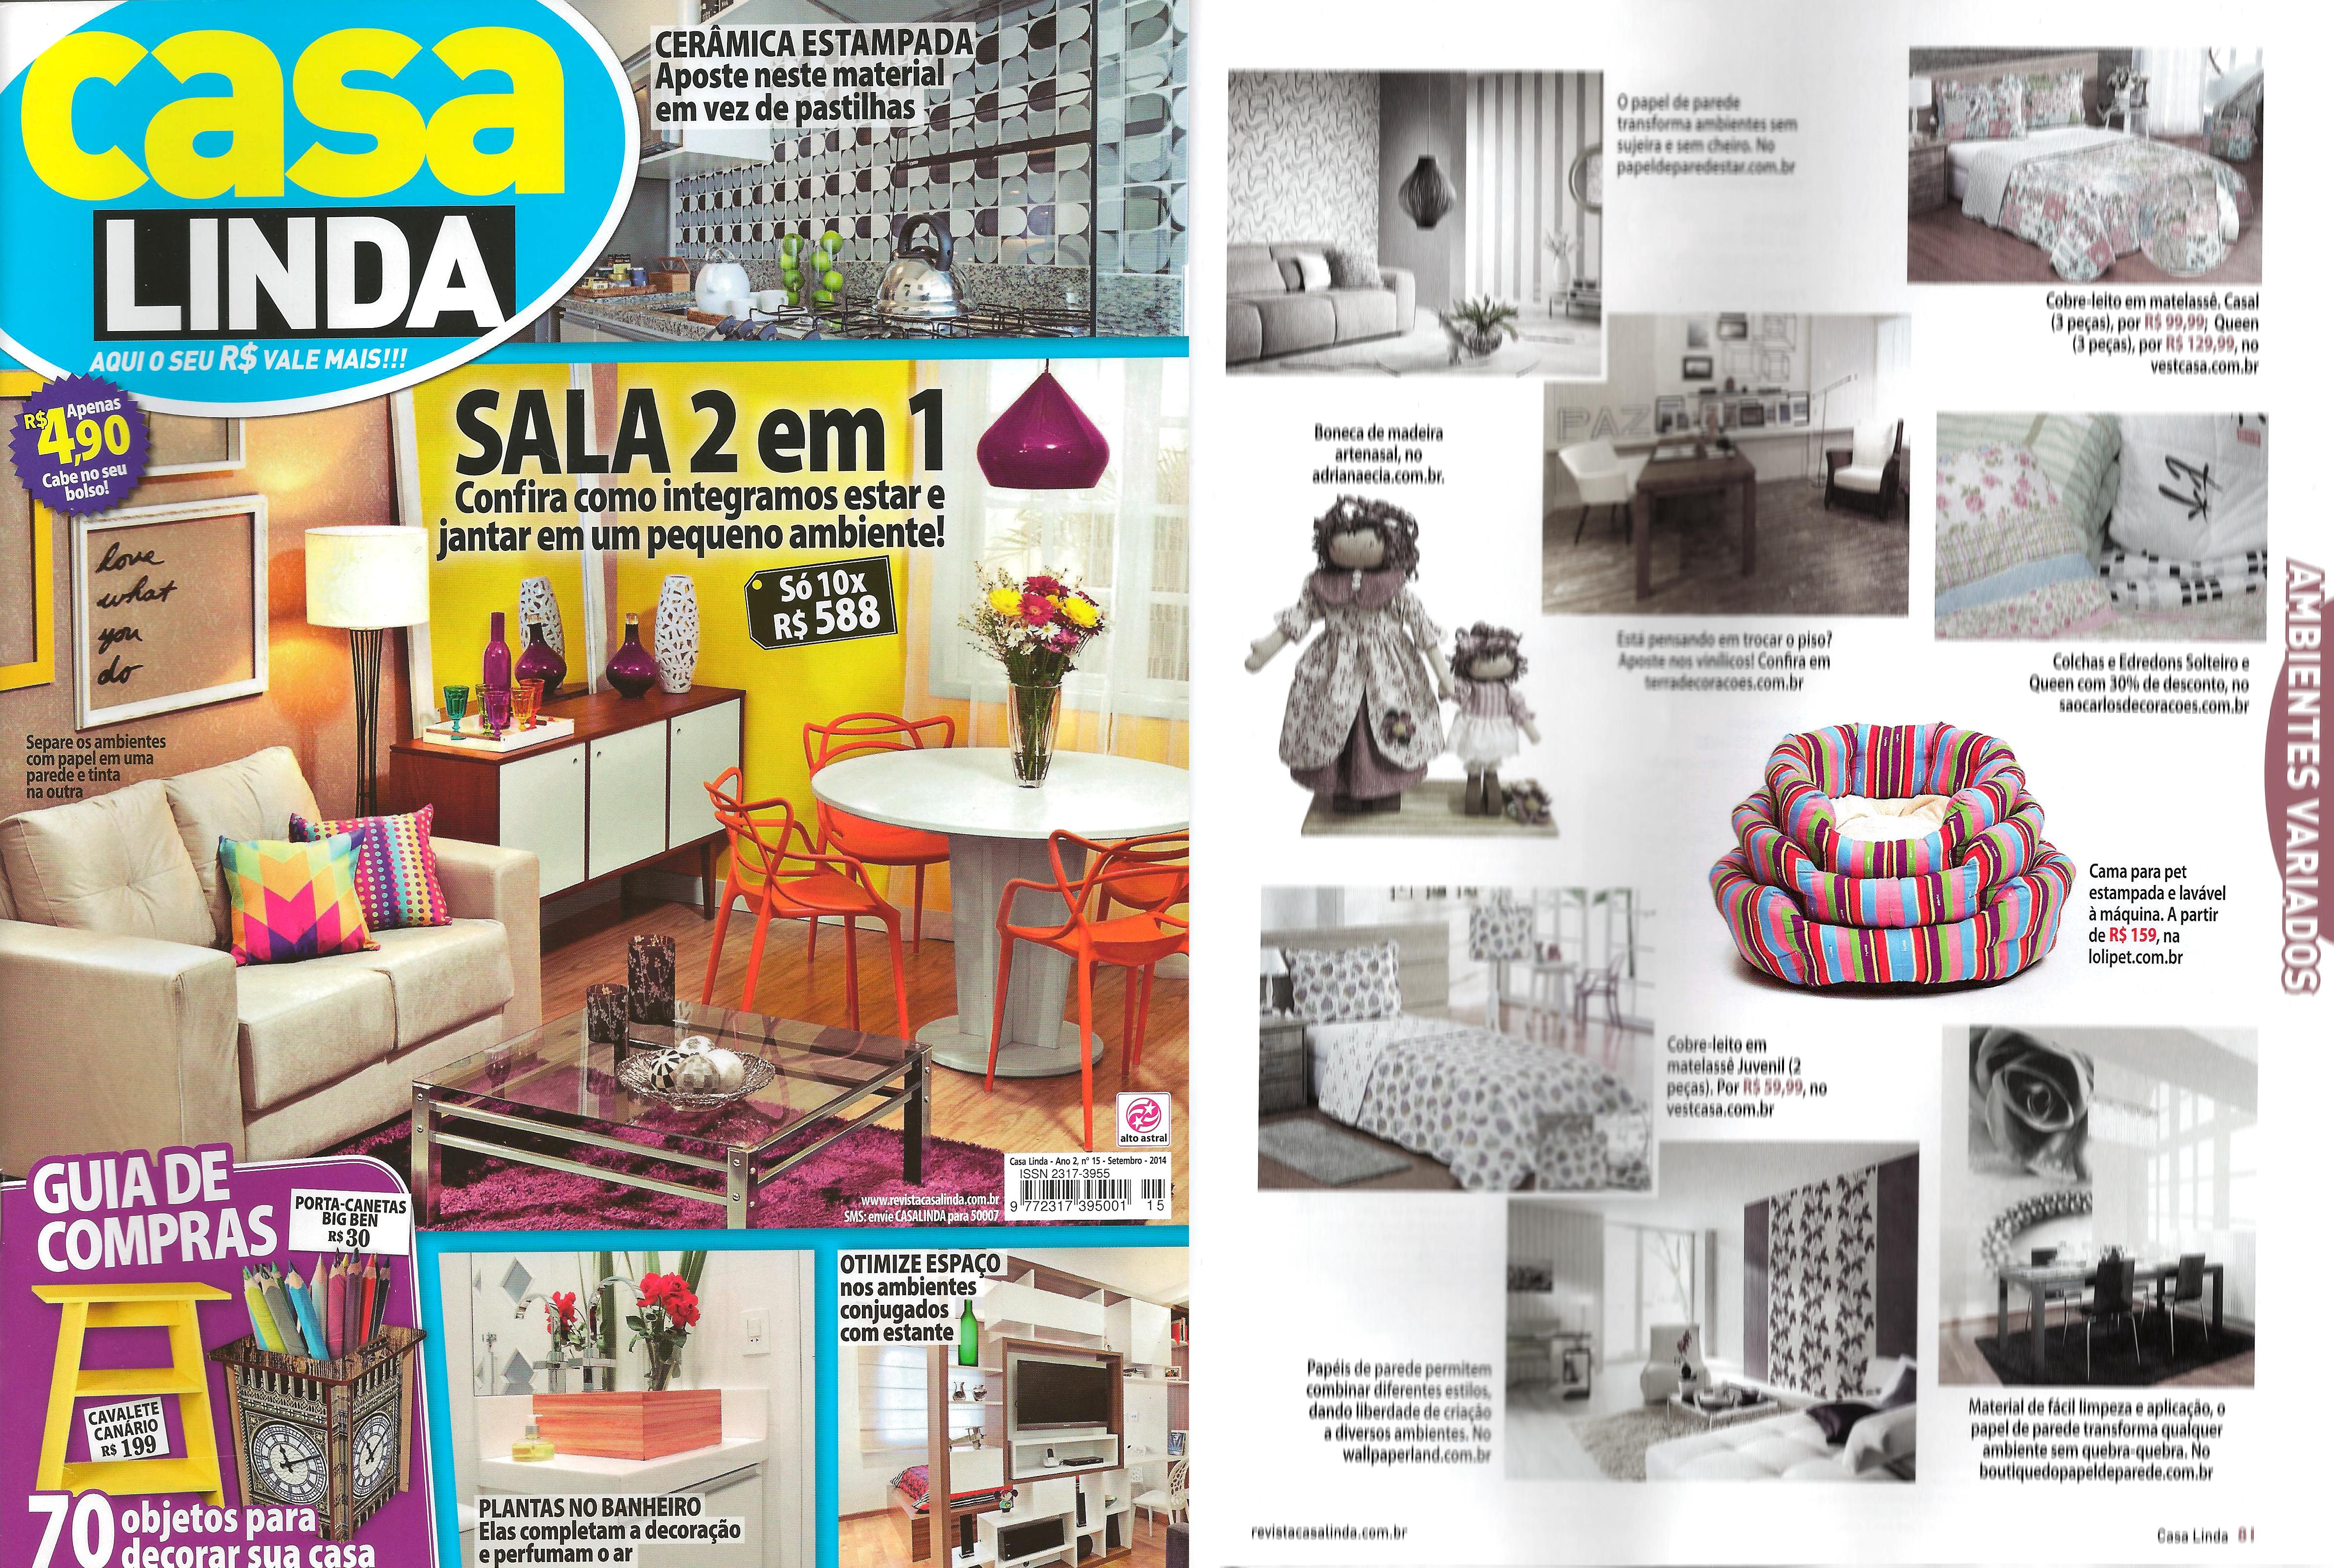 Saiu na Mídia – Guia de Compras – Revista Casa Linda